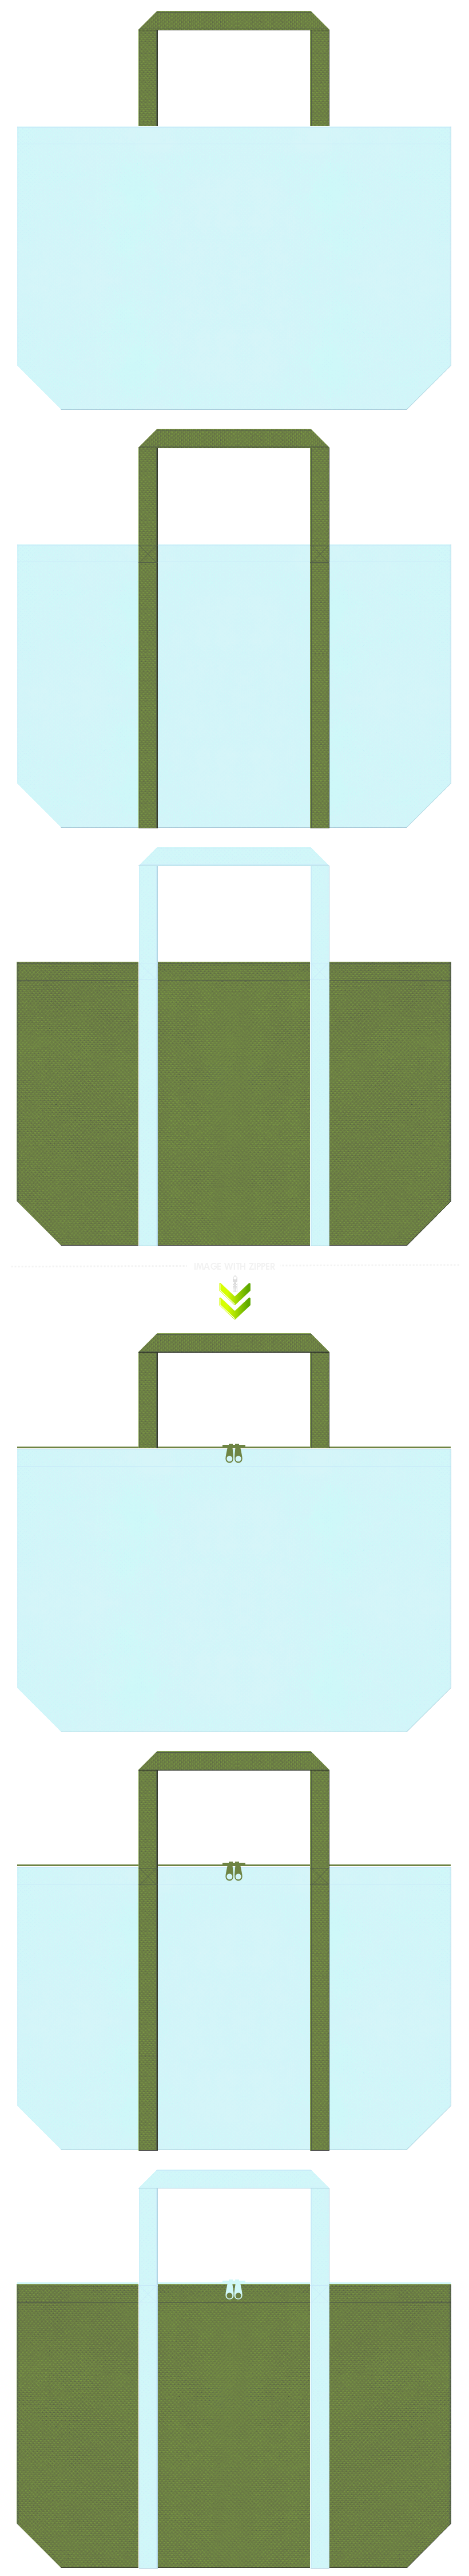 水田・水草・ビオトープ・ウォーターガーデン・和風庭園・造園用品・エクステリアの展示会用バッグにお奨めの不織布バッグデザイン:水色と草色のコーデ